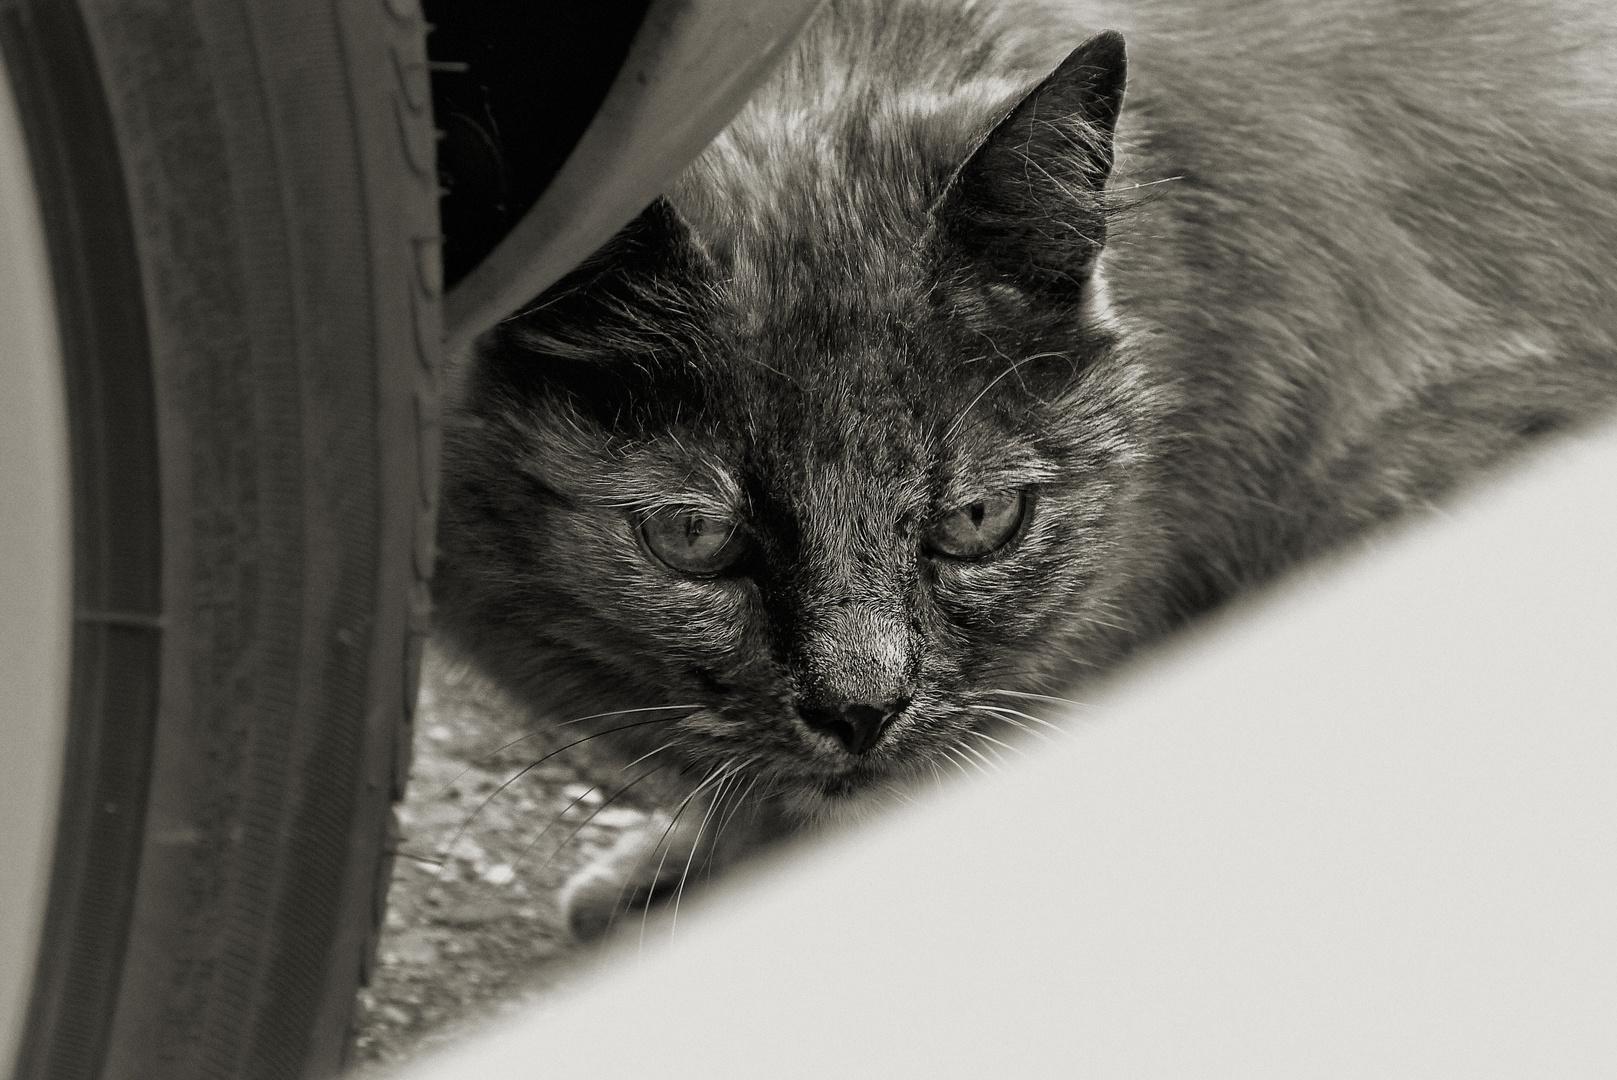 ... waiting in ambush